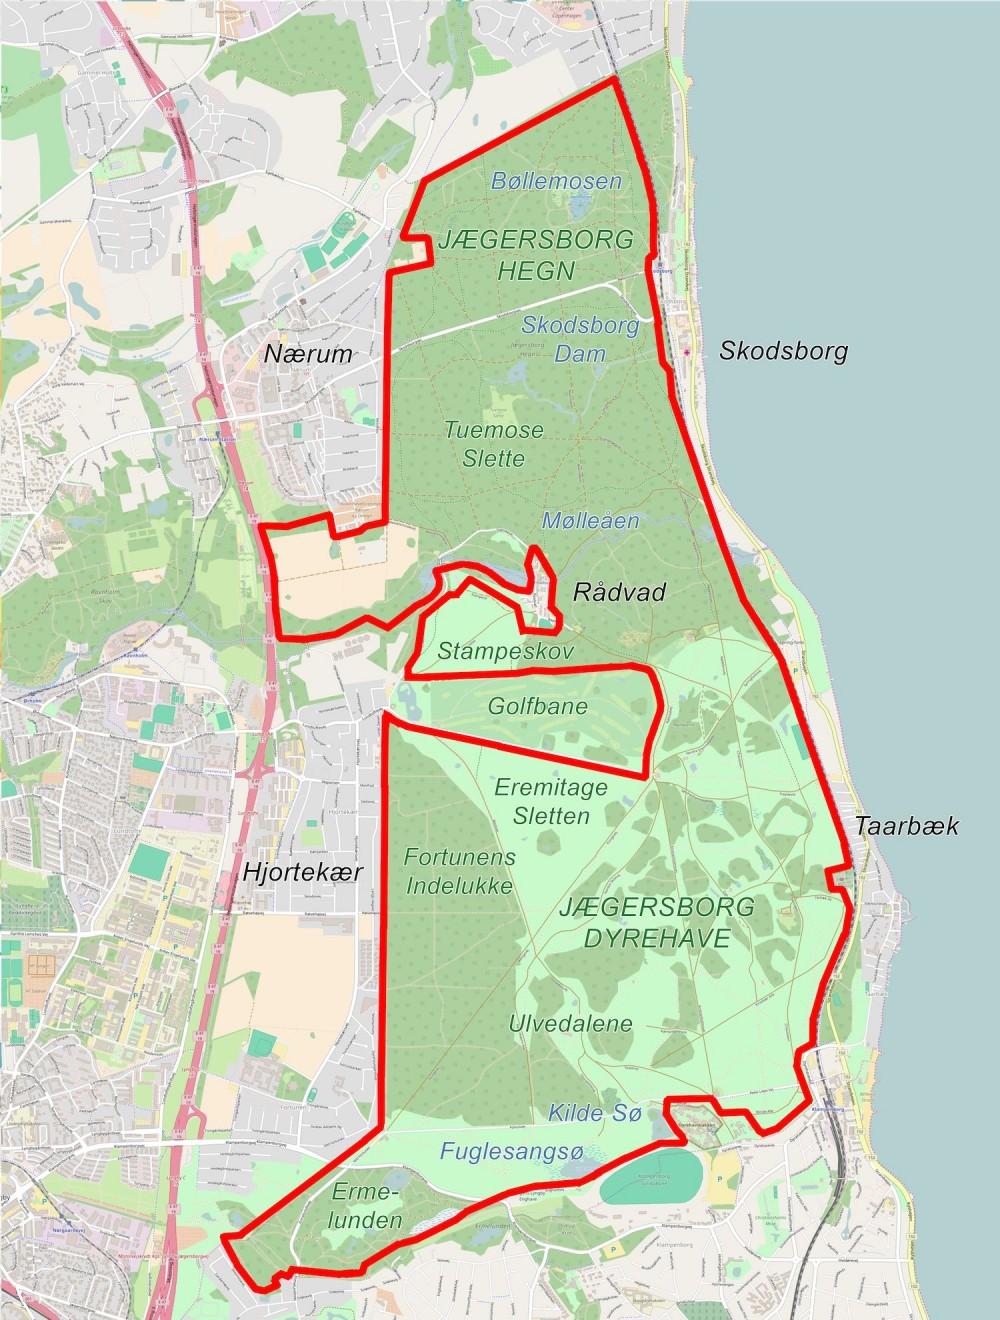 Forslag til afgrænsning af Naturnationalpark Jægersborg Hegn & Dyrehave – et samlet naturreservat på ca. 15 kvadratkilometer (kortene er bl.a. baseret på OpenStreetMap)